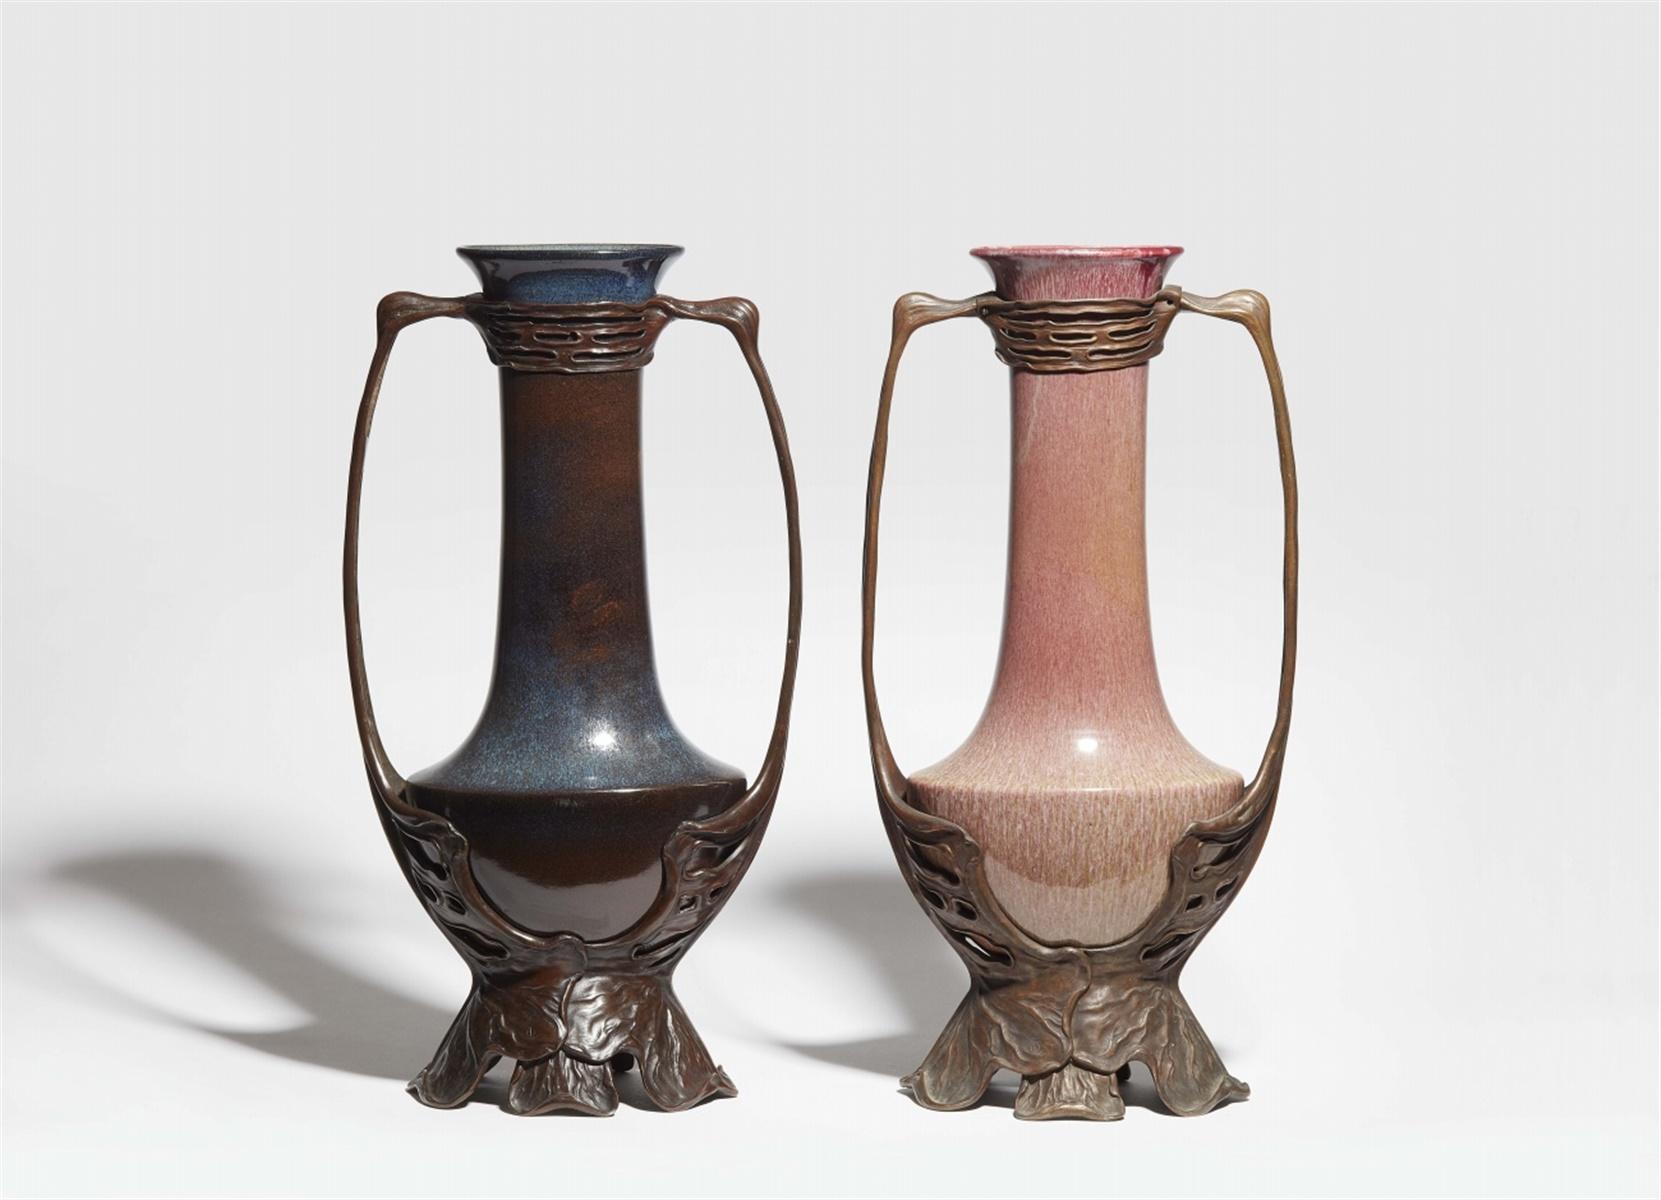 Lot 4 - Große Vase von Otto EckmannKeramik / Porzellan (?), blaue und manganfarbene Scharffeuerglasur mit